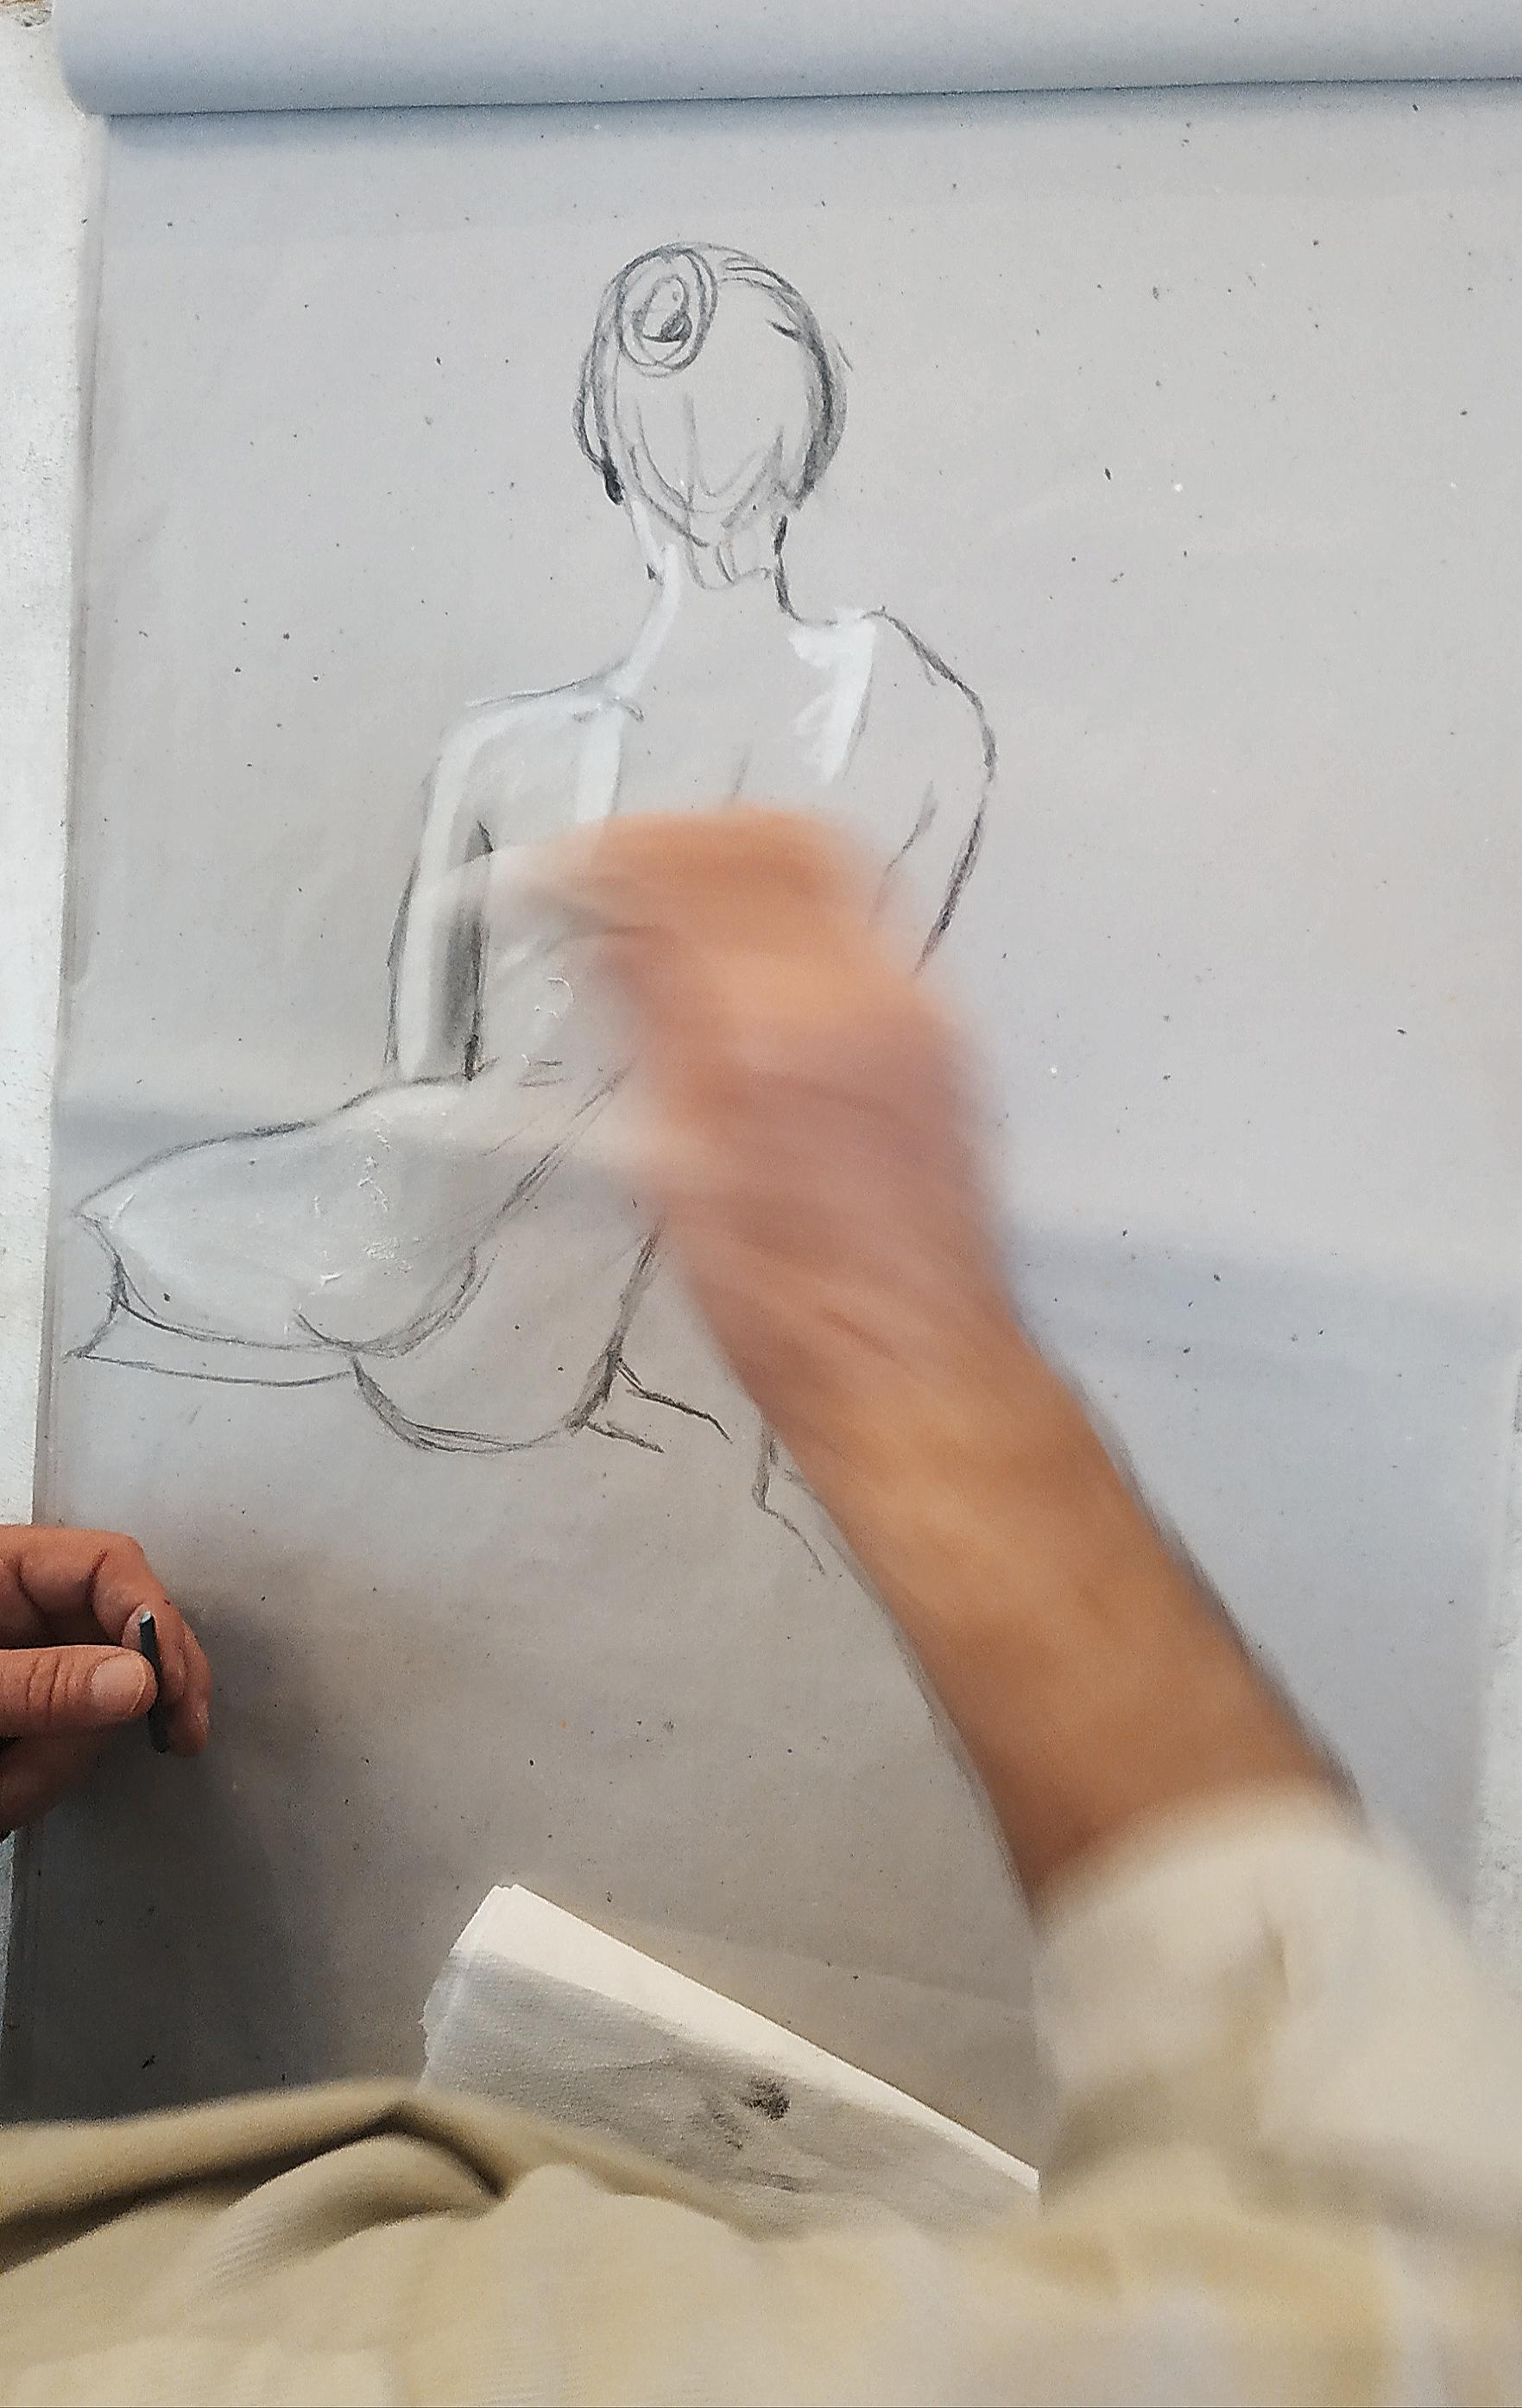 Dessin croquis craie blanche fusain  cours de dessin